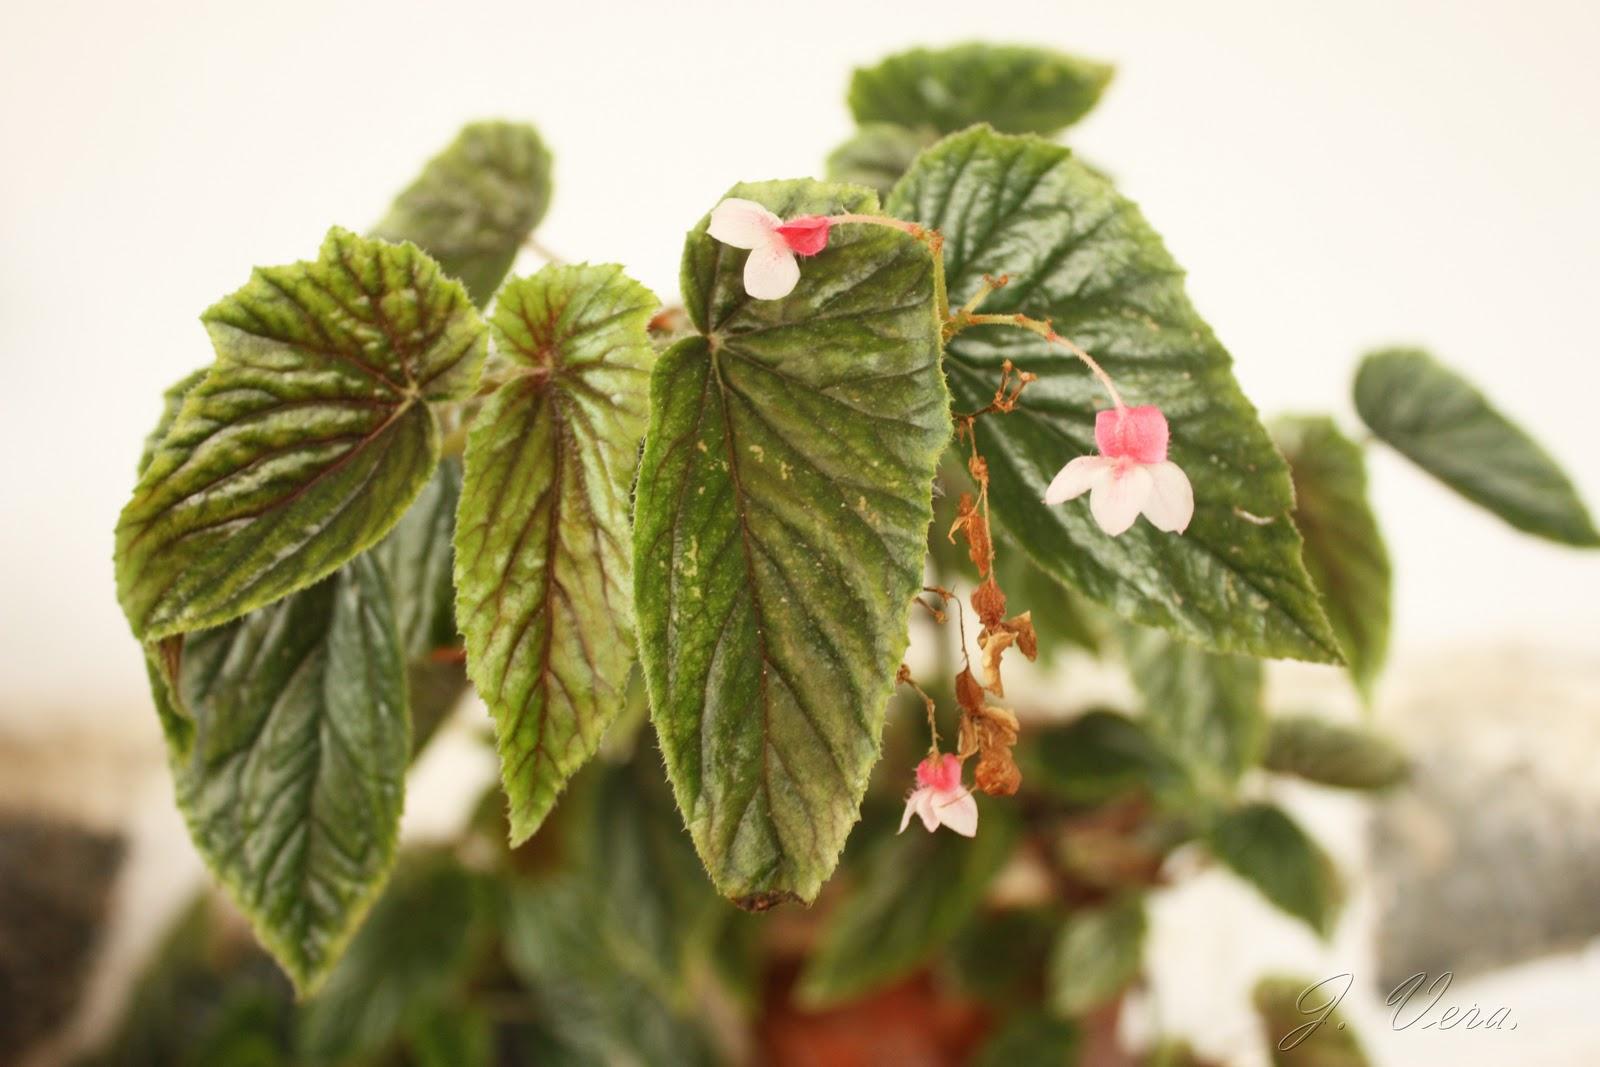 Un jard n en m laga begonia alleryi for Aspiradora de hojas para jardin